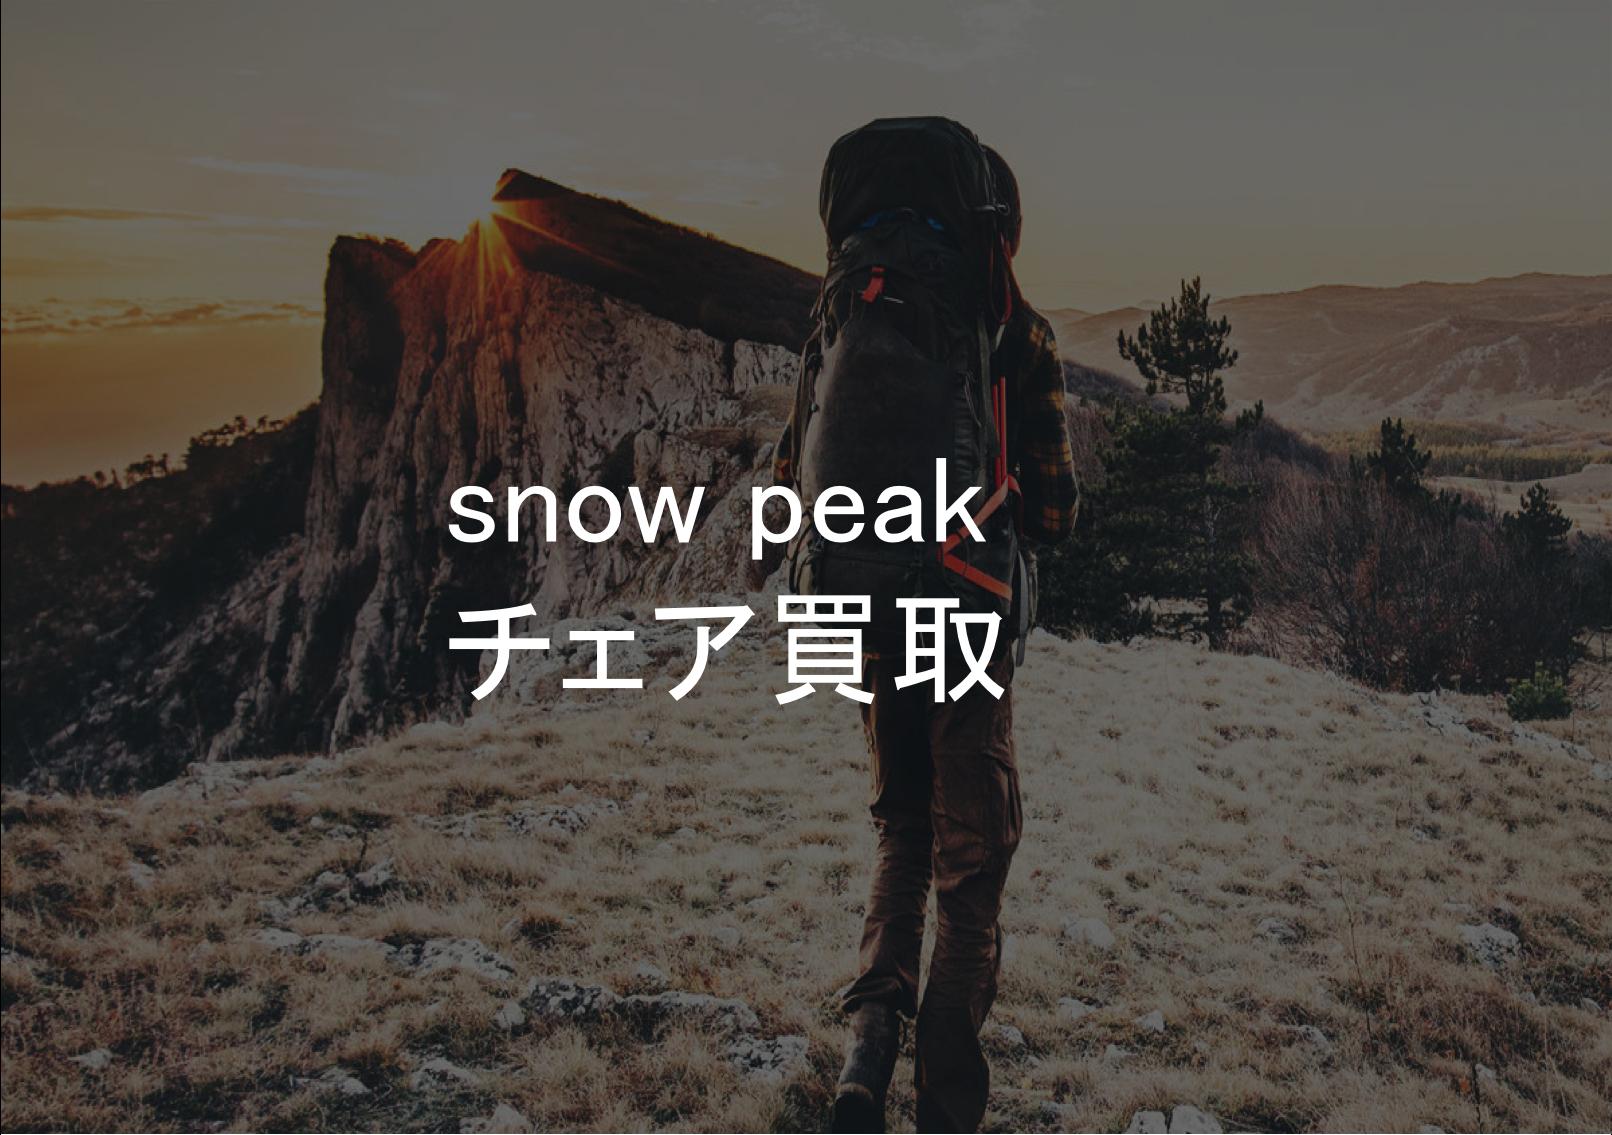 snow peak(スノーピーク)アウトドアチェア/キャンプチェア買取なら!